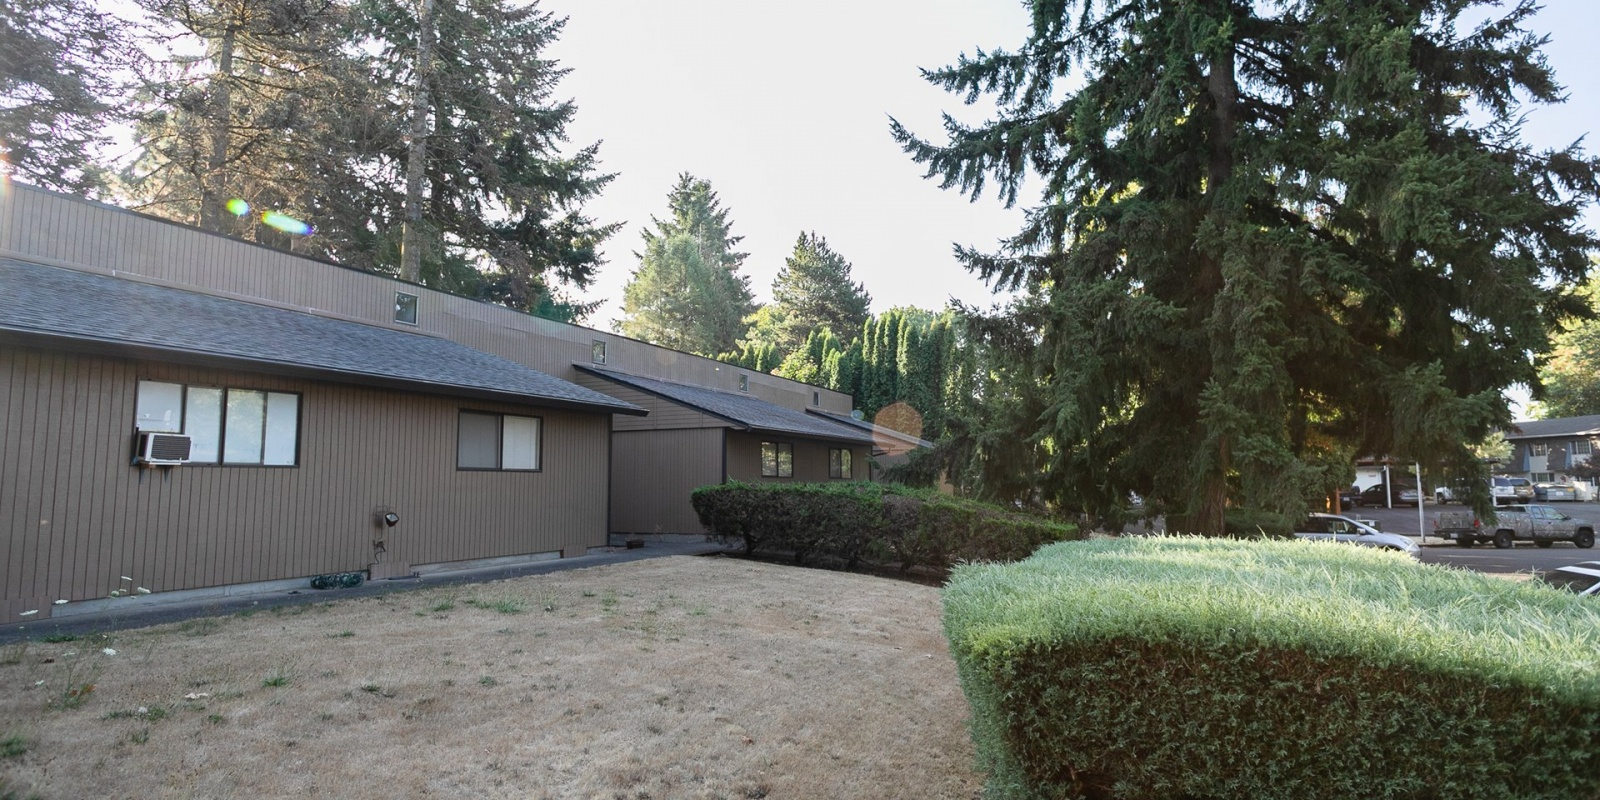 14623 NE Coast Pine Ct, Vancouver, WA, ,1 BathroomBathrooms,Multi-Family,For Sale,14623 NE Coast Pine Ct, Vancouver, WA,1497